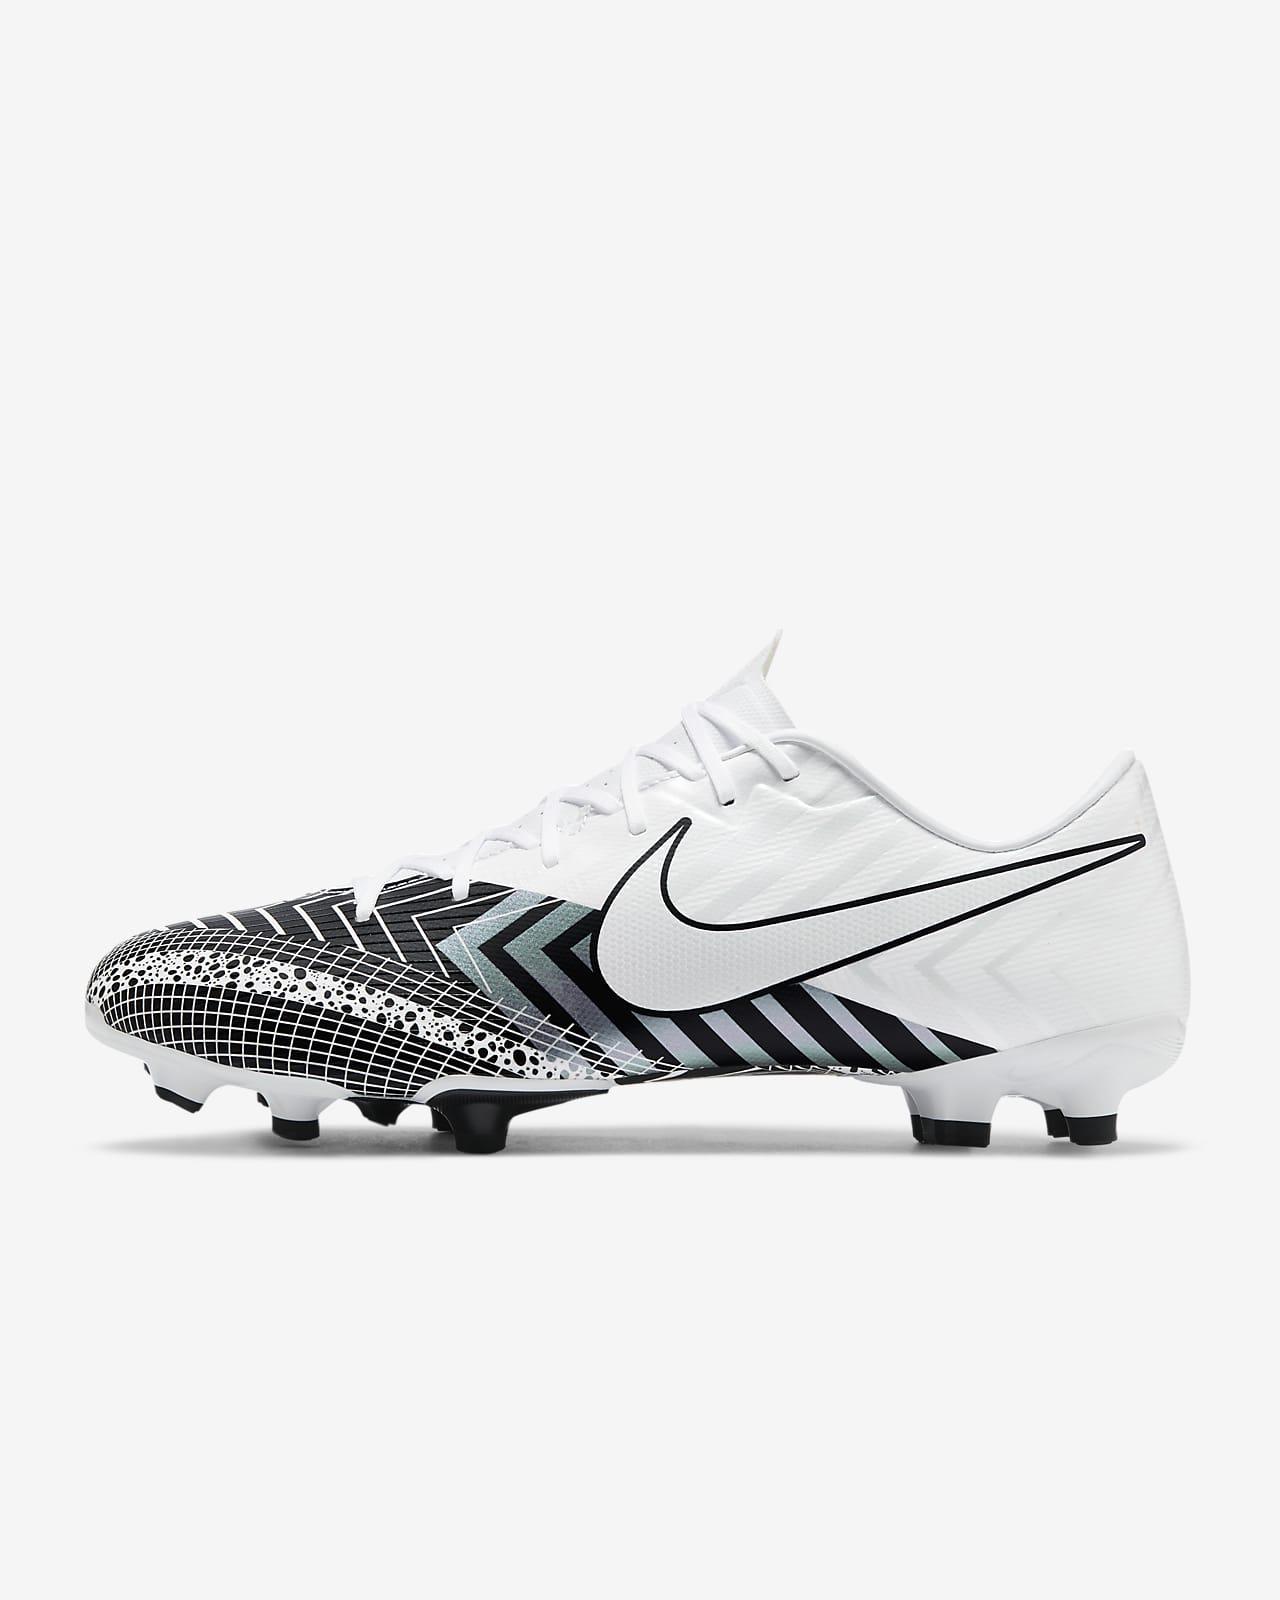 รองเท้าสตั๊ดฟุตบอลสำหรับพื้นหลายประเภท Nike Mercurial Vapor 13 Academy MDS MG